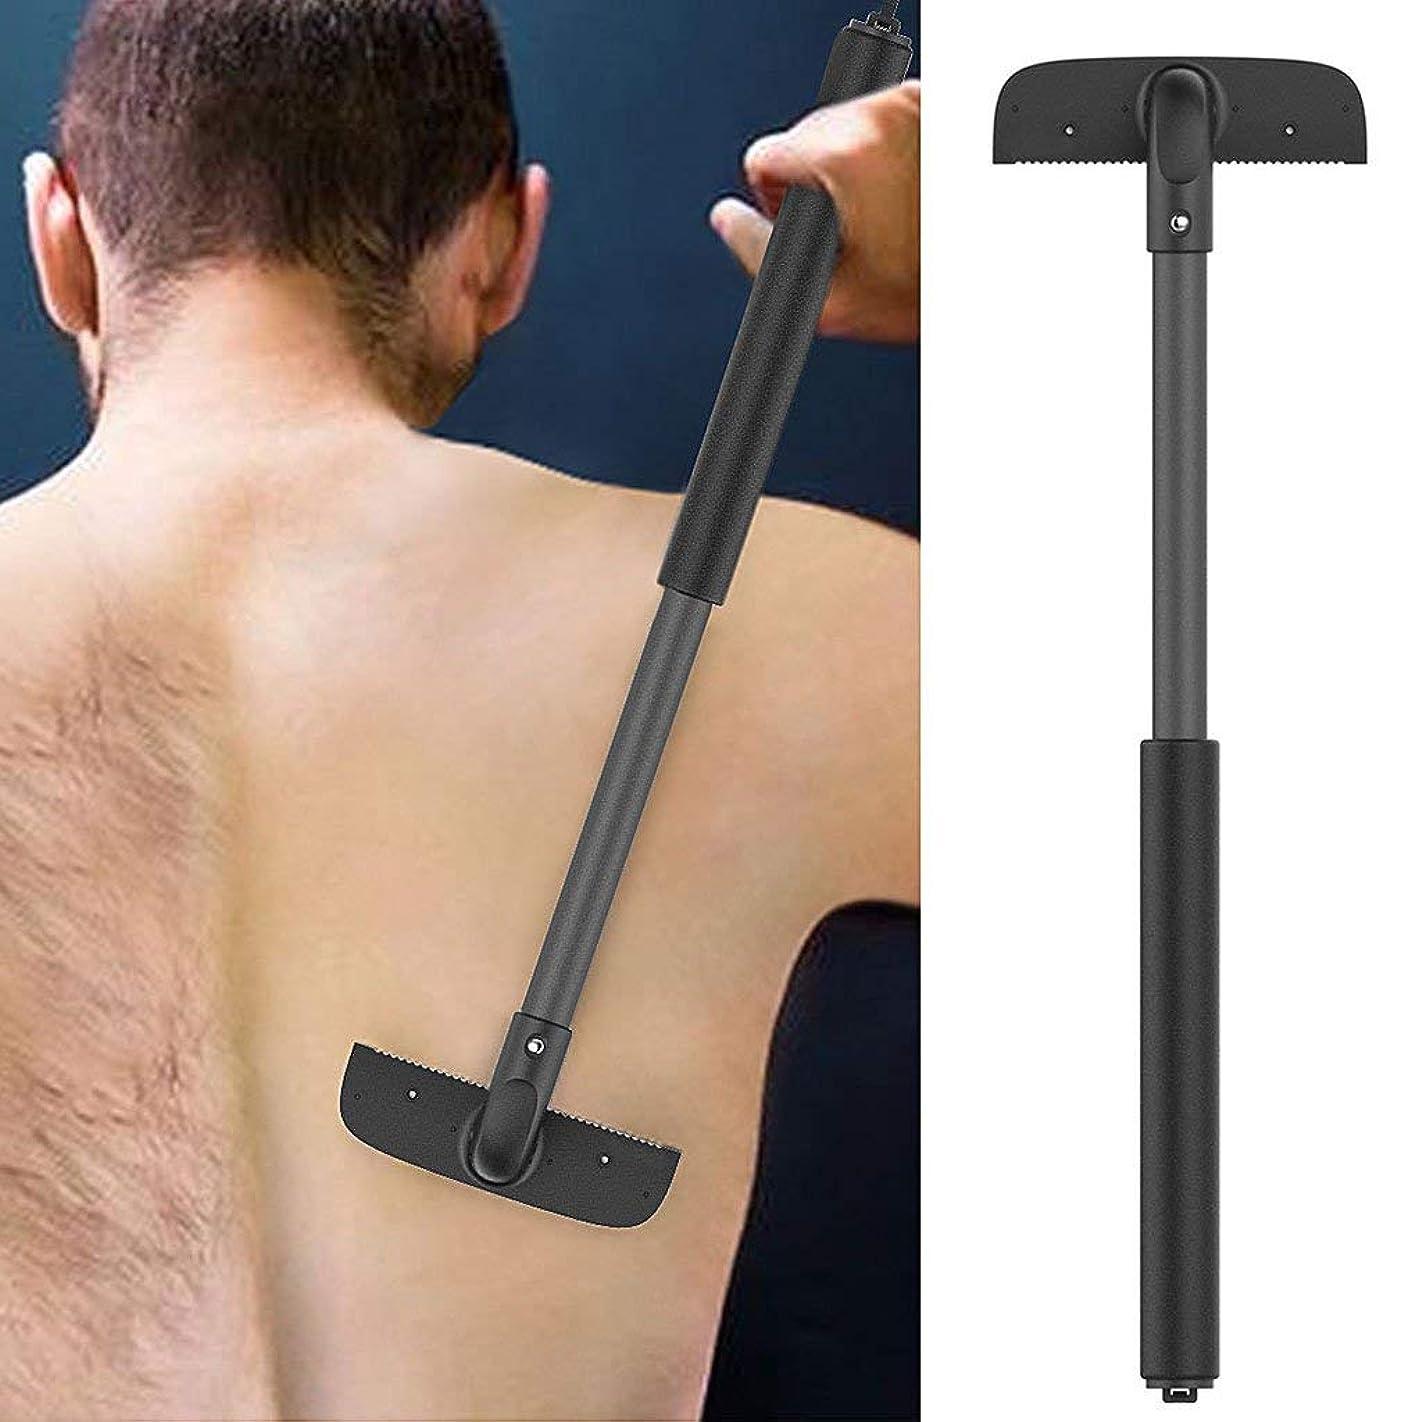 防ぐ傷跡ハリケーンBack Hair Removal And Body Shaver、バックヘアとボディシェーバー、男性のための剃刀、調節可能なハンドル、伸縮可能なトリマー剃刀脱毛装置 除毛 ムダ毛処理